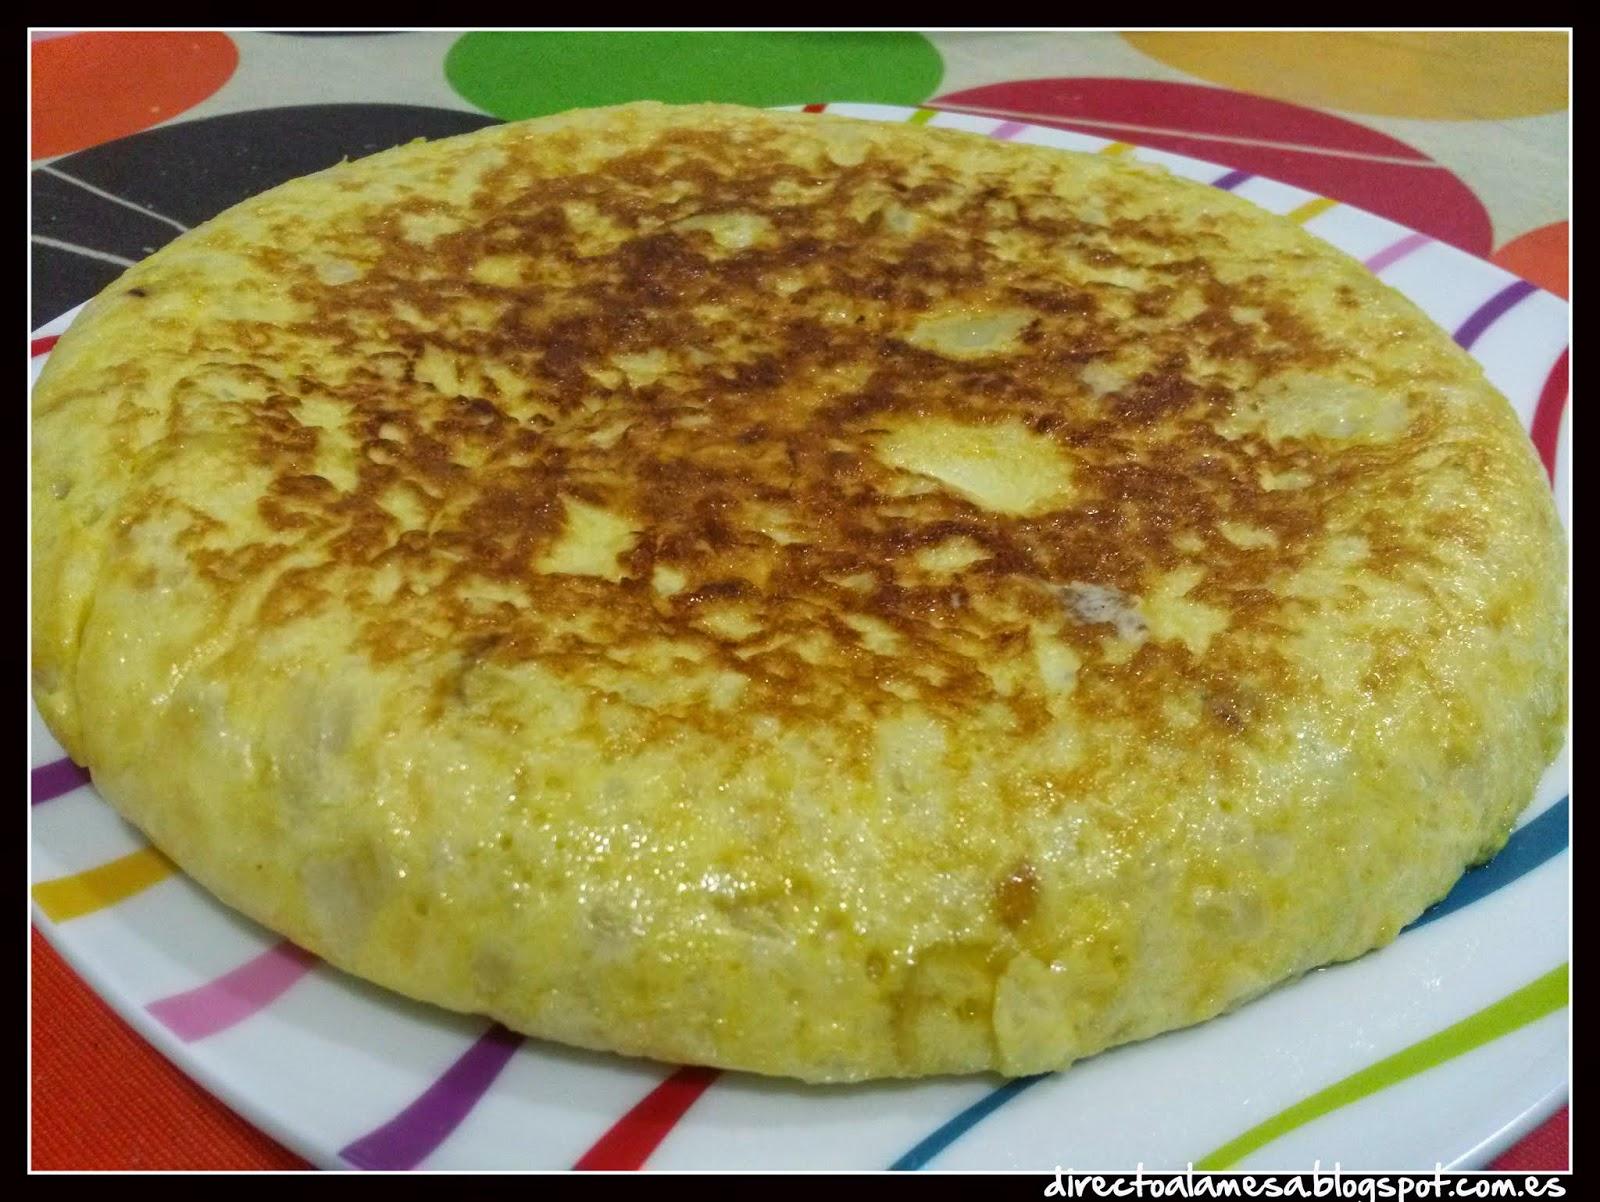 http://directoalamesa.blogspot.com.es/2014/10/tortilla-de-coliflor.html